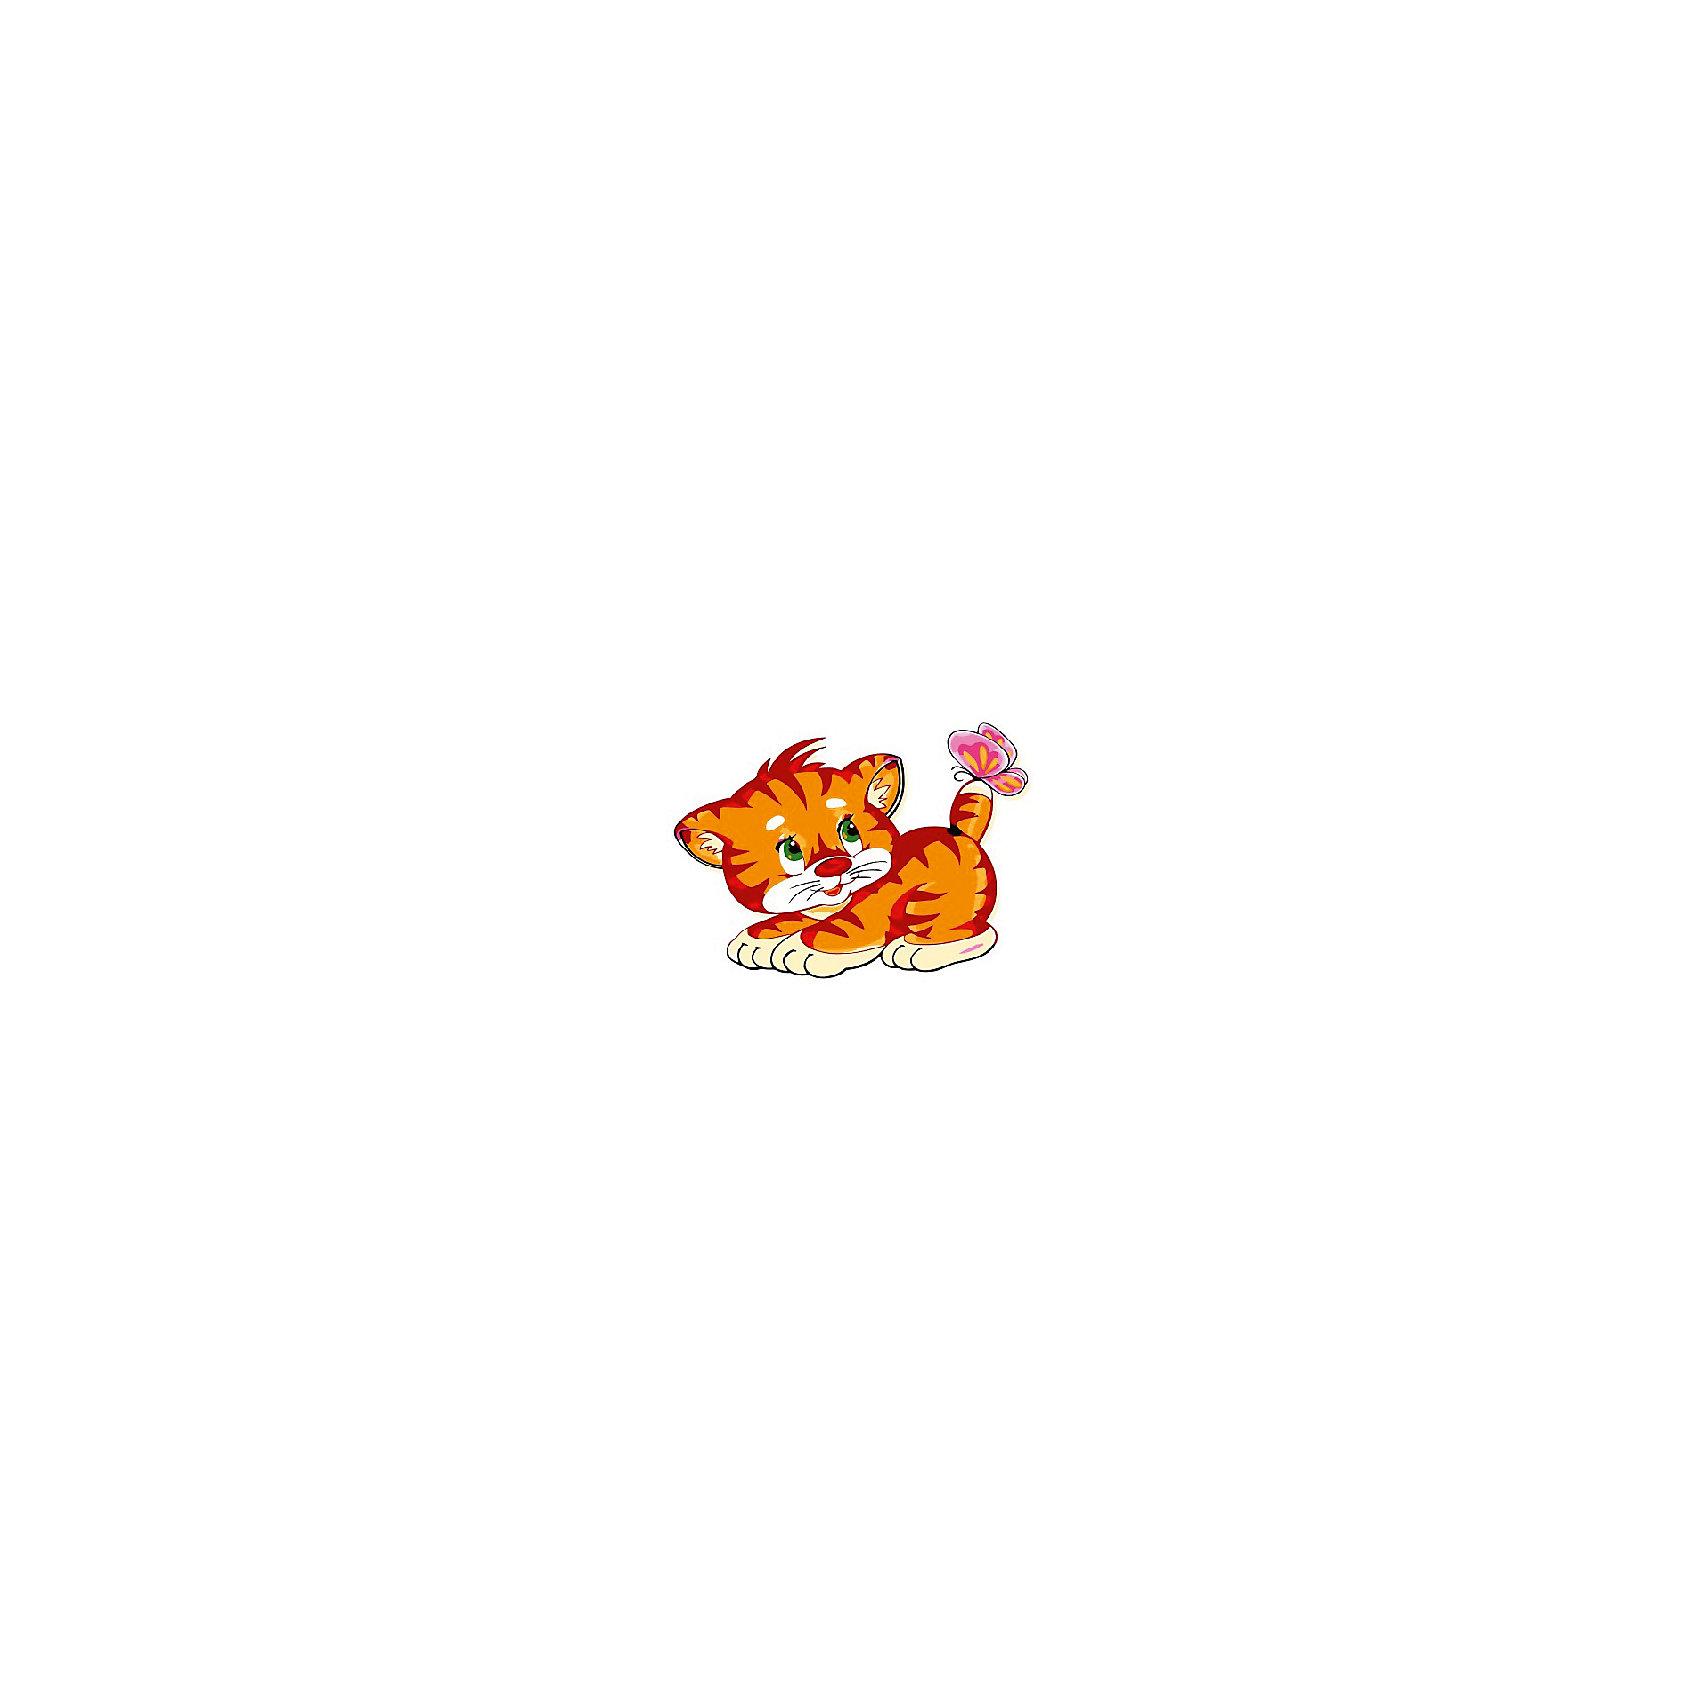 Набор юного художника Тигрёнок с бабочкой, 20*30 смДетские картины с раскраской по номерам размером 20*30. На деревянном подрамнике, с прогрунтованным холстом и  нанесенными контурами картины, с указанием цвета закраски, акриловыми красками, 3 кисточками и креплением на стену. Уровень сложности, количество красок указаны на коробке.<br><br>Ширина мм: 300<br>Глубина мм: 200<br>Высота мм: 30<br>Вес г: 330<br>Возраст от месяцев: 60<br>Возраст до месяцев: 108<br>Пол: Унисекс<br>Возраст: Детский<br>SKU: 5417668